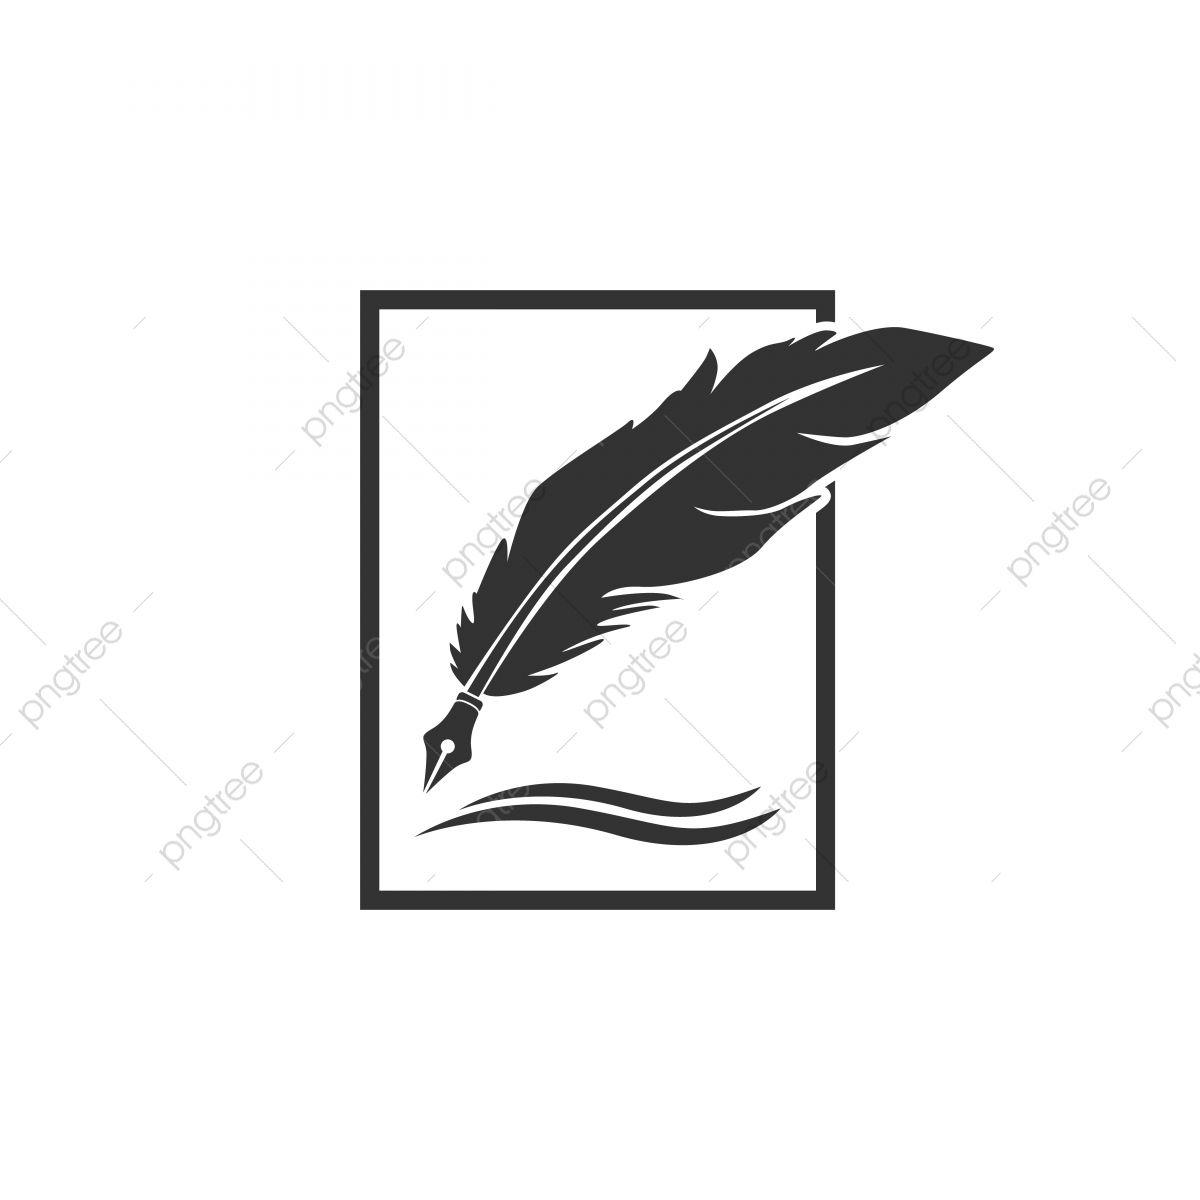 Pluma Pluma Logo Designs Clipart De Plumas Iconos De Plumas Logo Icons Png Y Vector Para Descargar Gratis Pngtree In 2021 Ink Logo Logo Pen Feather Icon